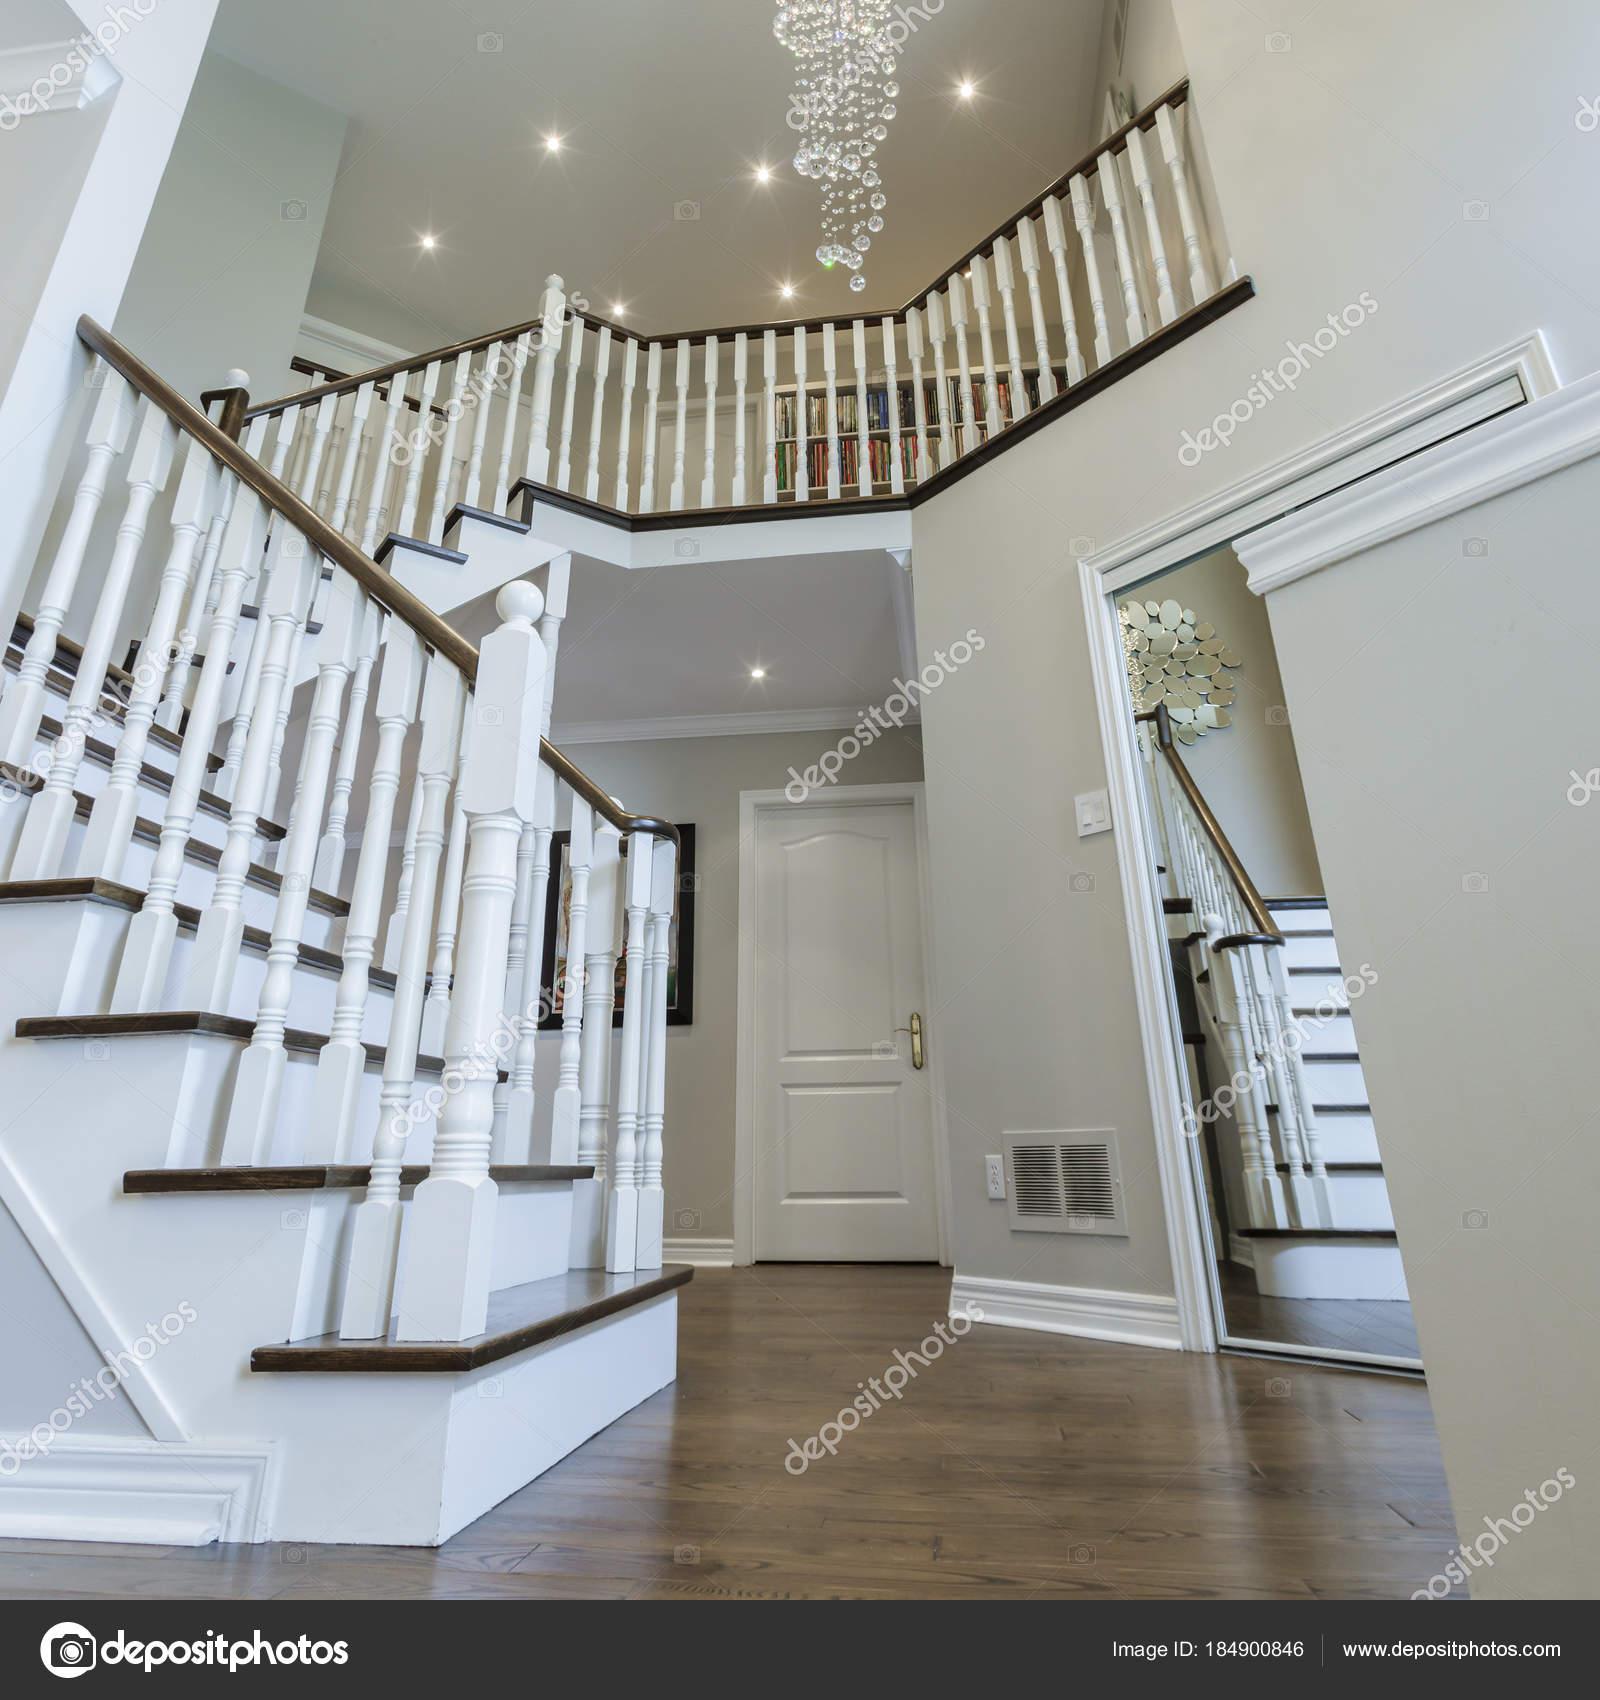 Escaliers bois décoration intérieure — Photographie sergey02 ...